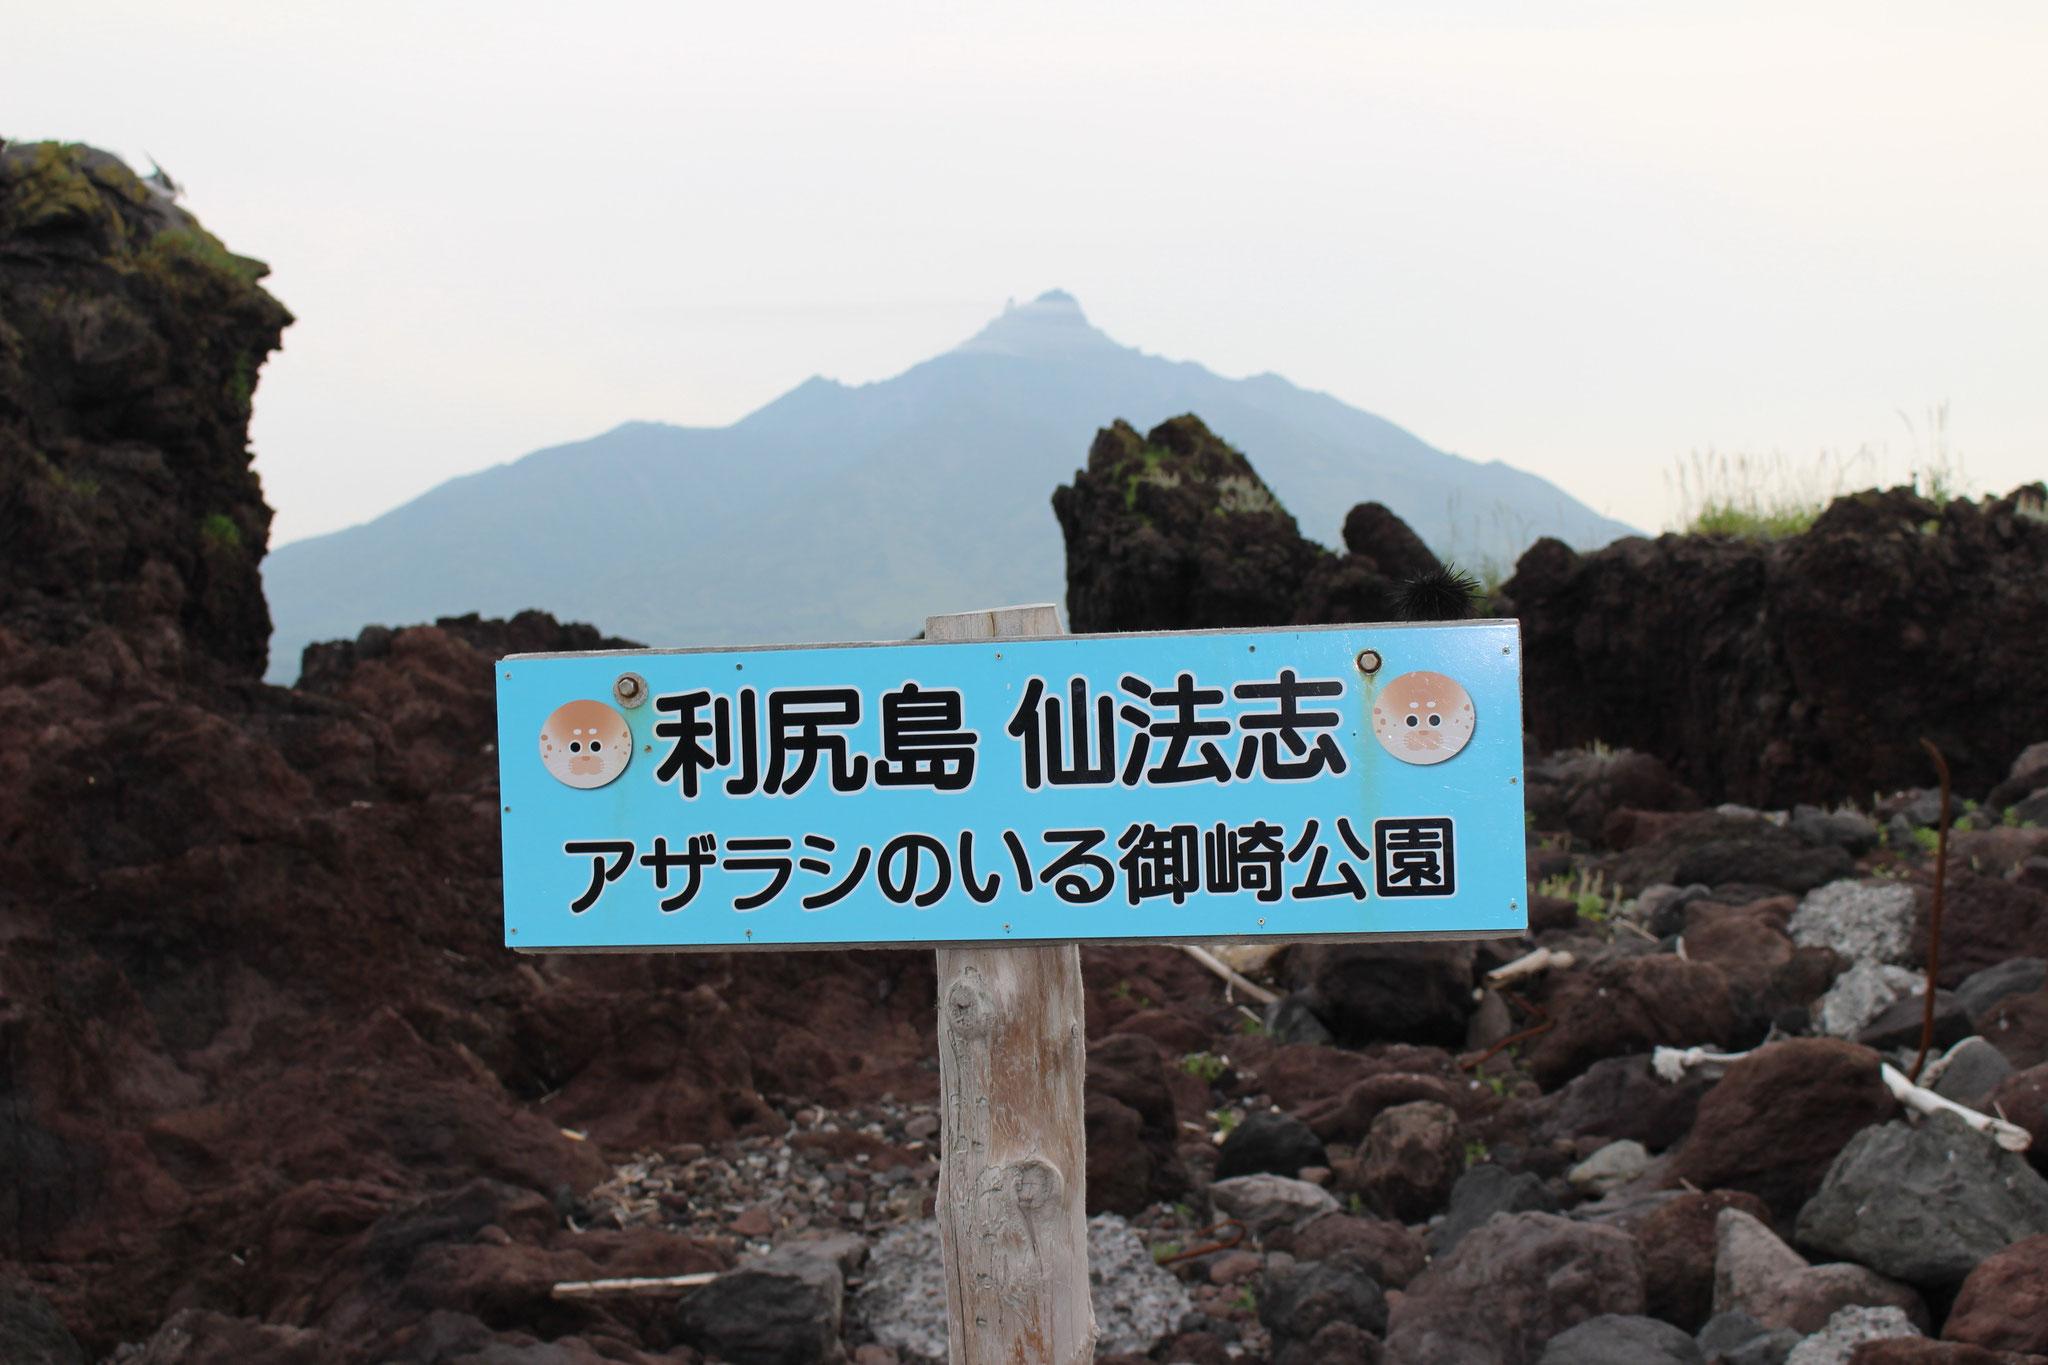 利尻島 仙法志「利尻富士が見えます」